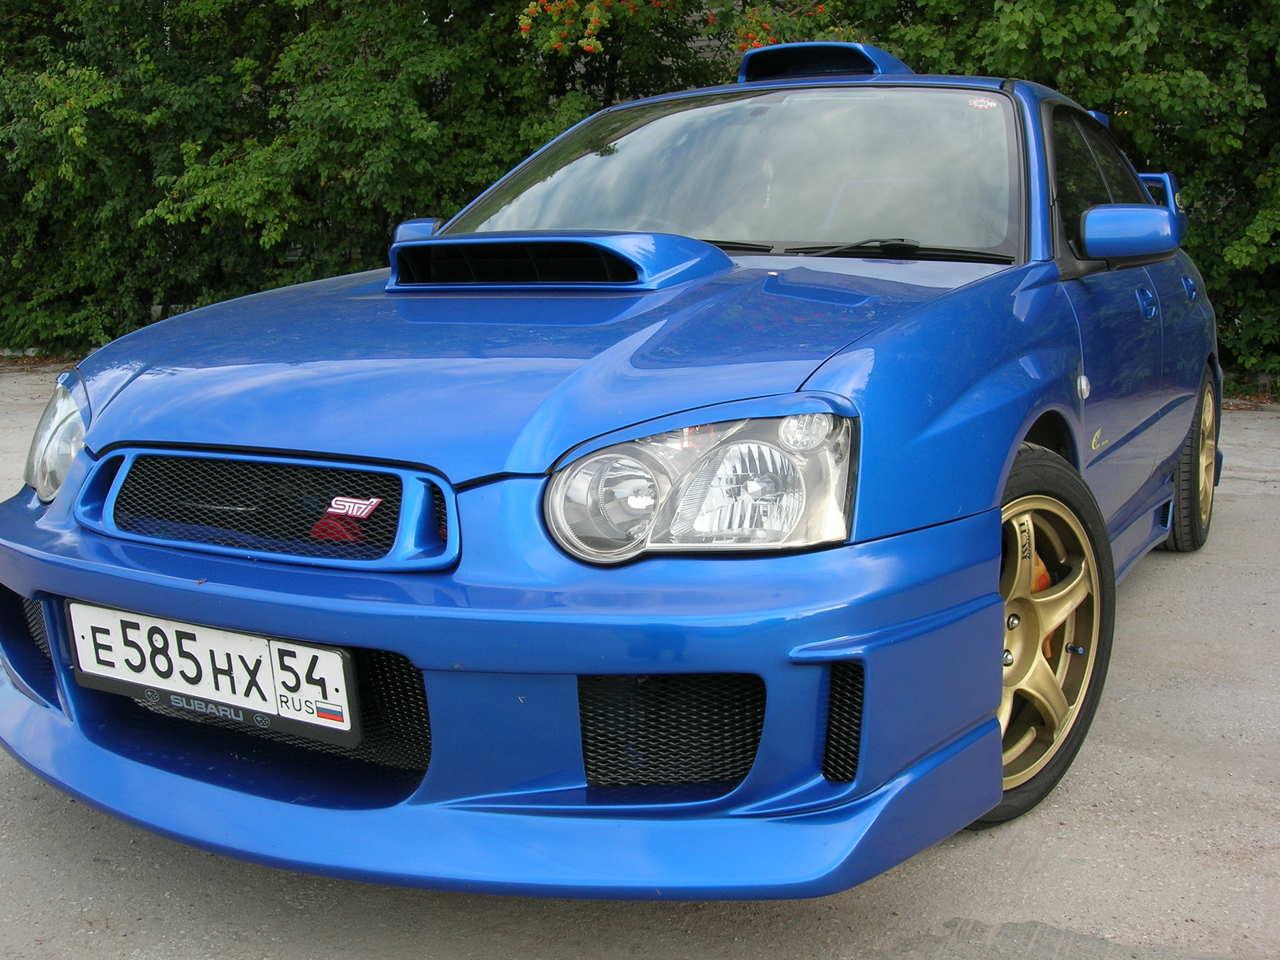 2004 Subaru Impreza WRX STI specs, Engine size 2000cm3 ...